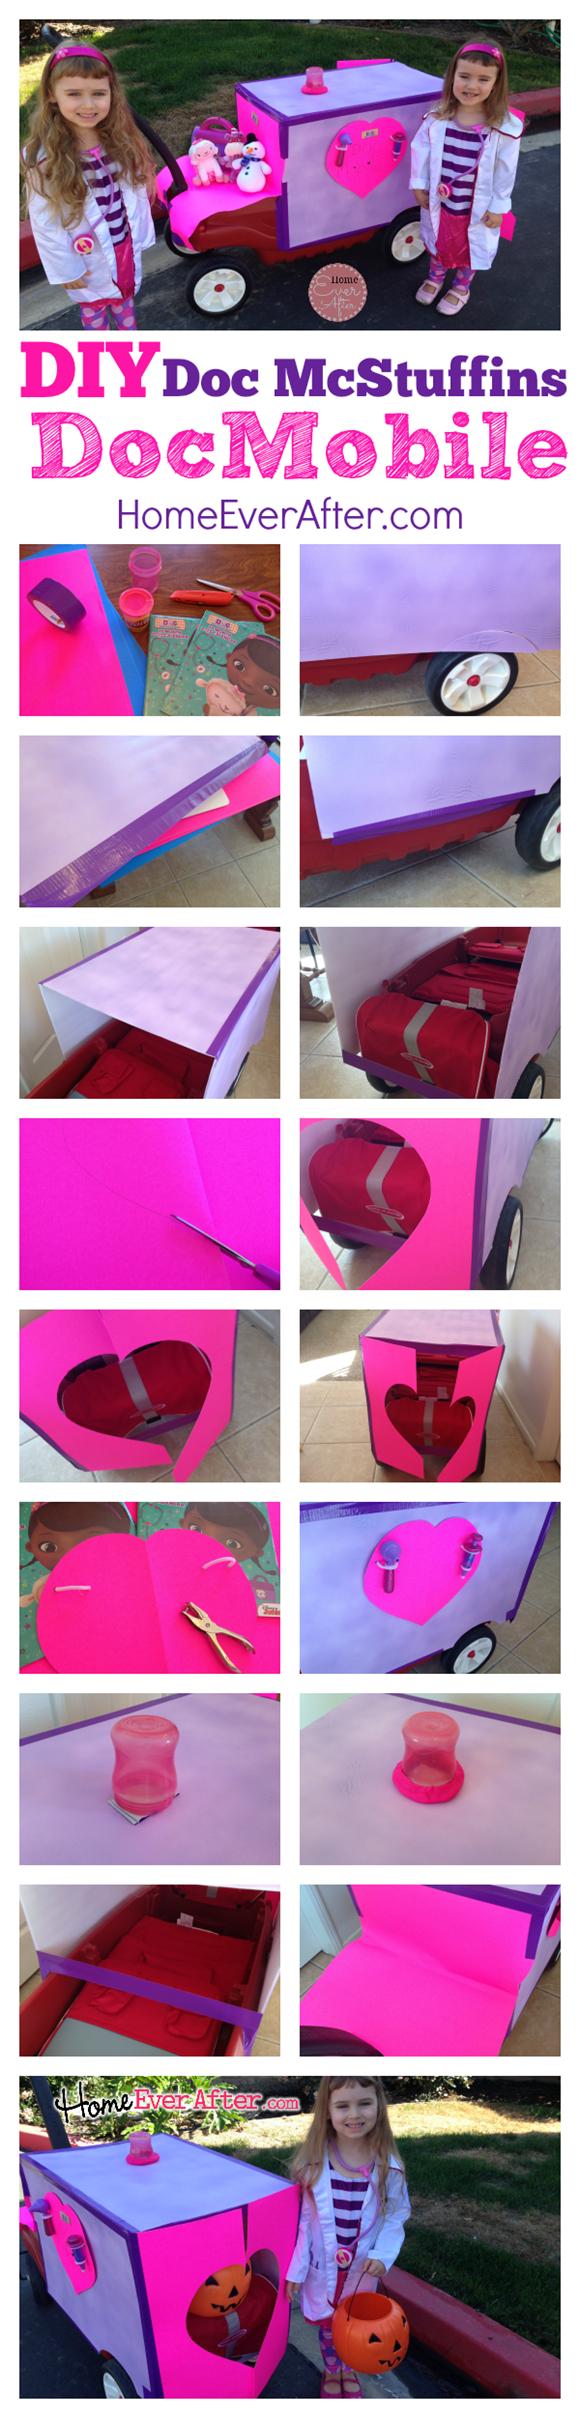 DIY- Doc McStuffins DocMobile Project Home Ever After #juniorcelebrates #cbias #shop